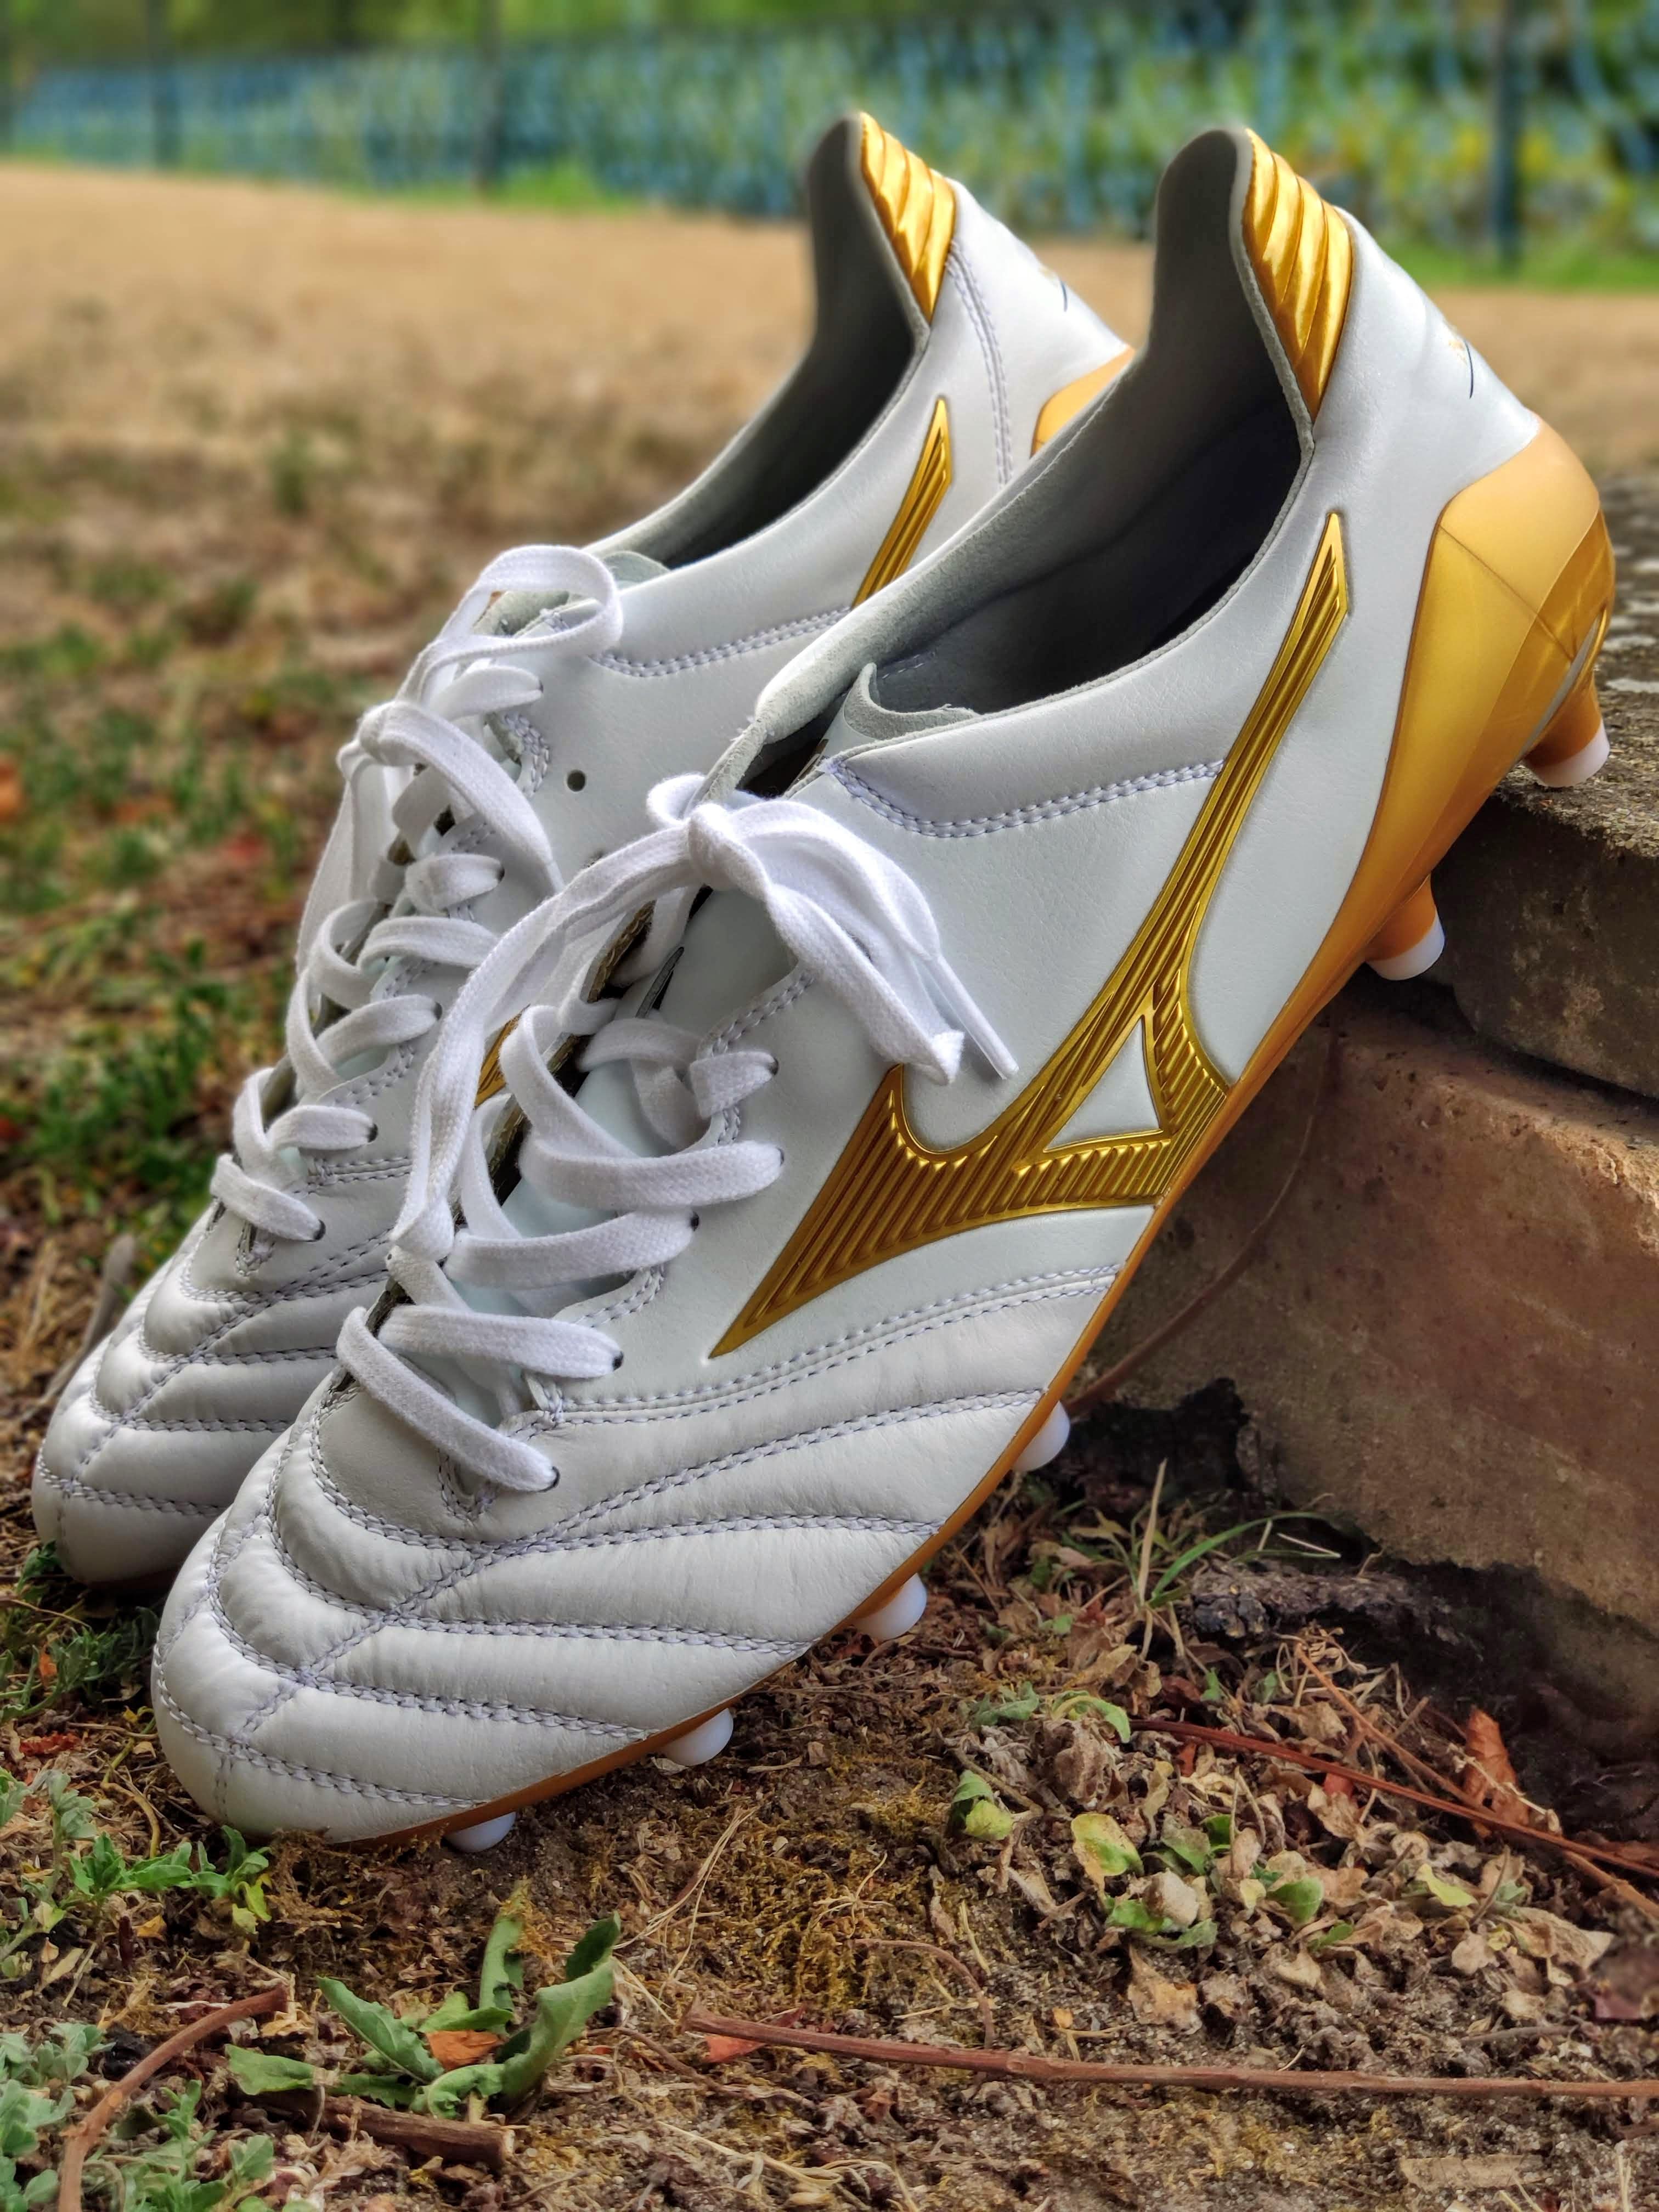 Quelles chaussures de foot pour la reprise ?